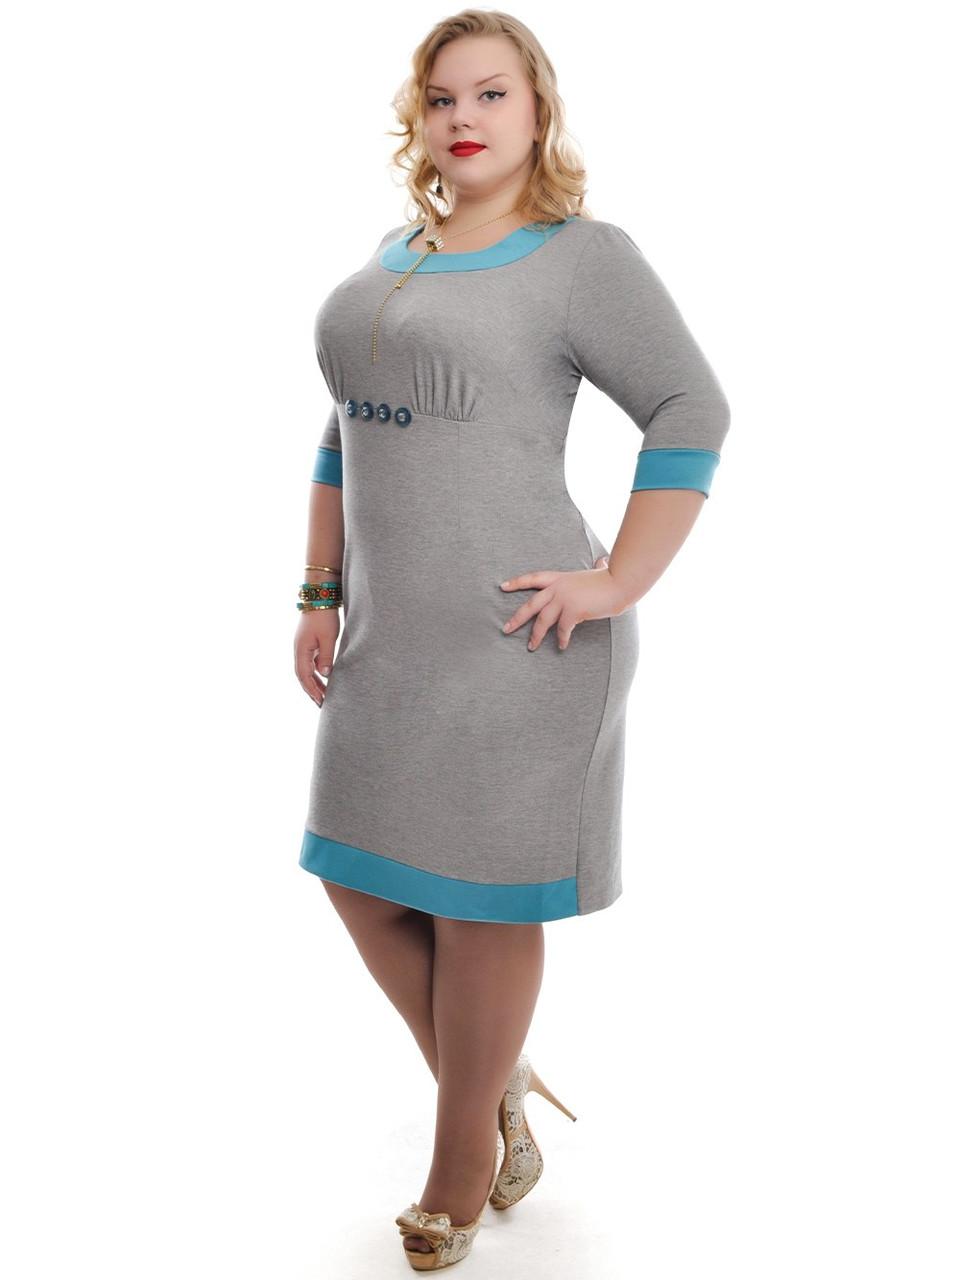 6cc5310bbaa42ee Прямое платье для офиса серое ДК-514, цена 520 грн., купить в ...